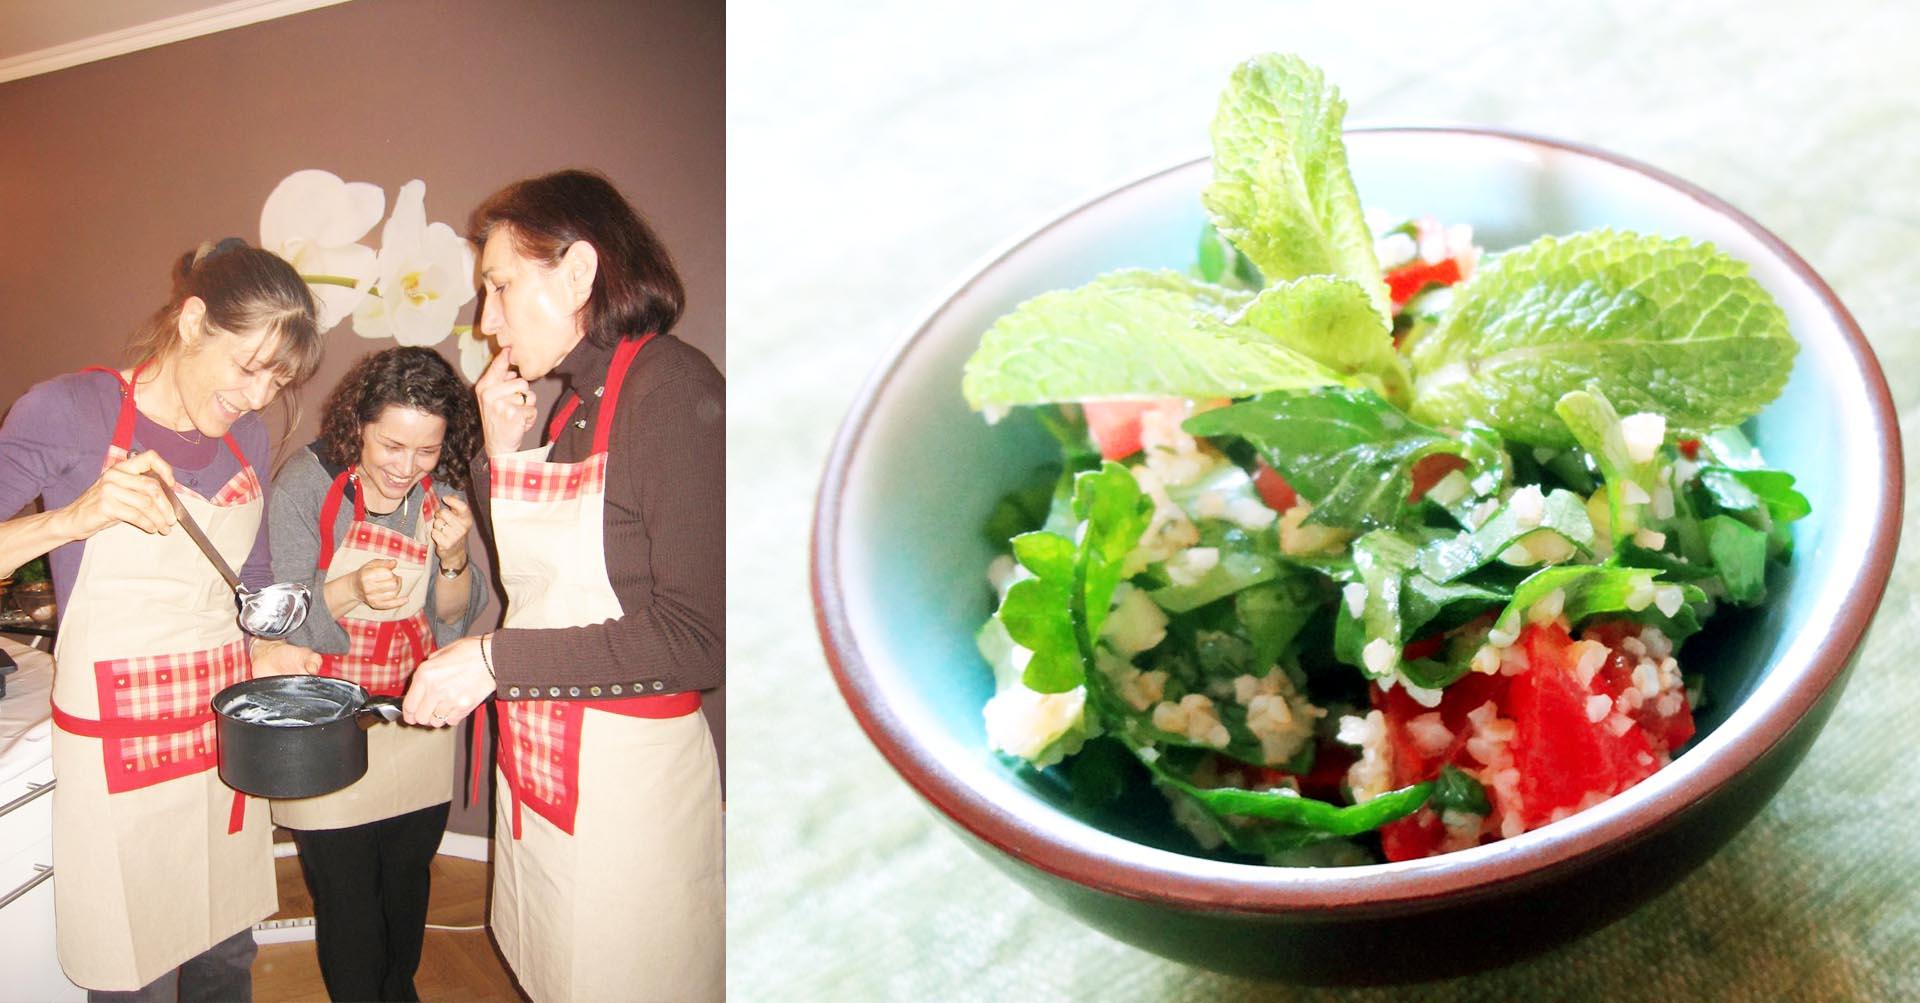 Cours de cuisine Saint-Germain-en-Laye Cours de cuisine Yvelines Cours de cuisine